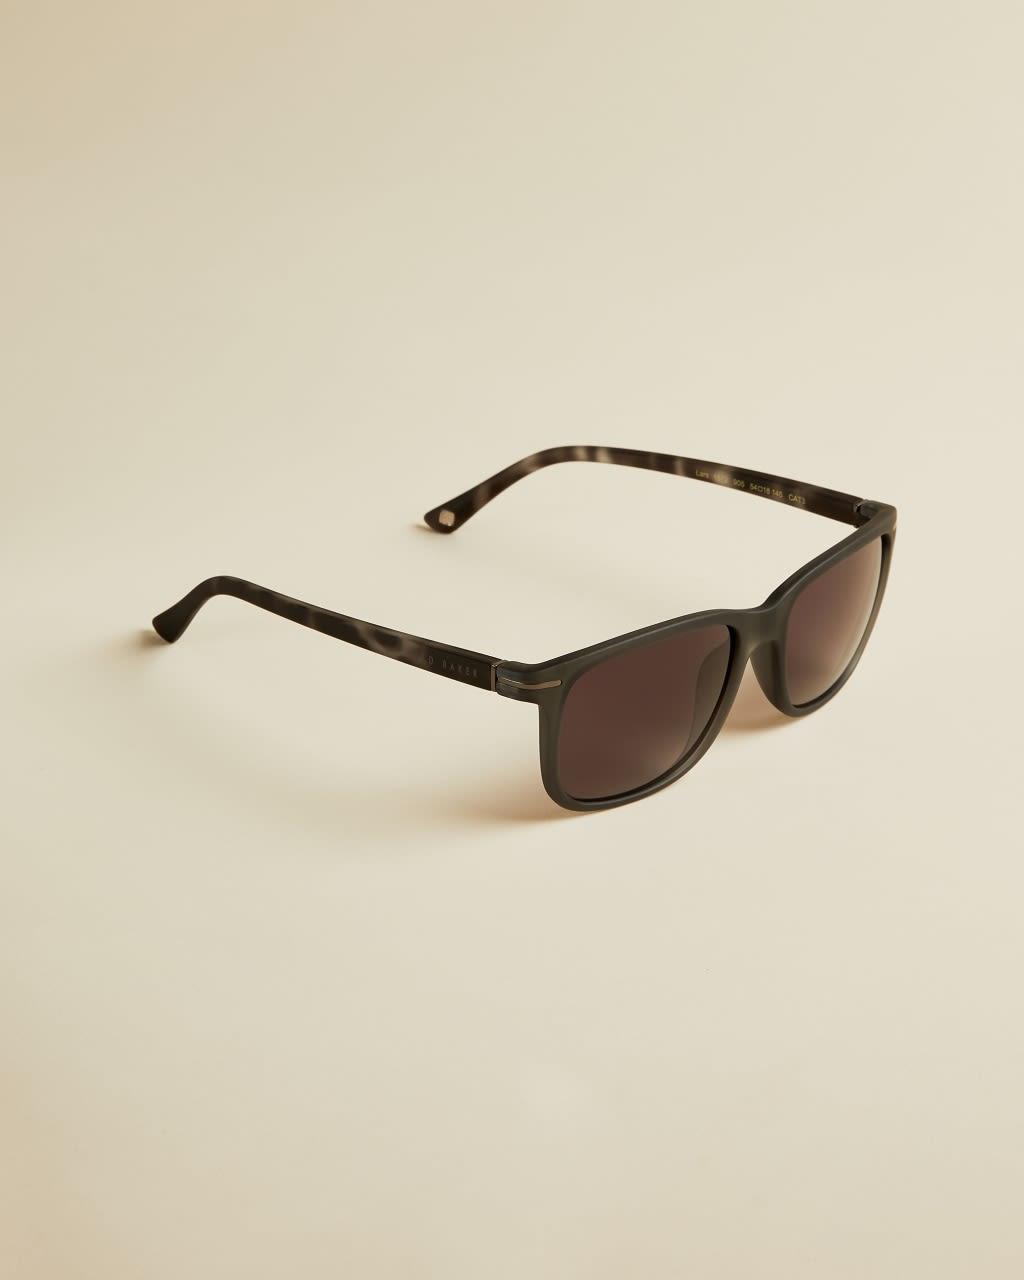 TED BAKER Rechteckige Sonnenbrille | TED BAKER SALE